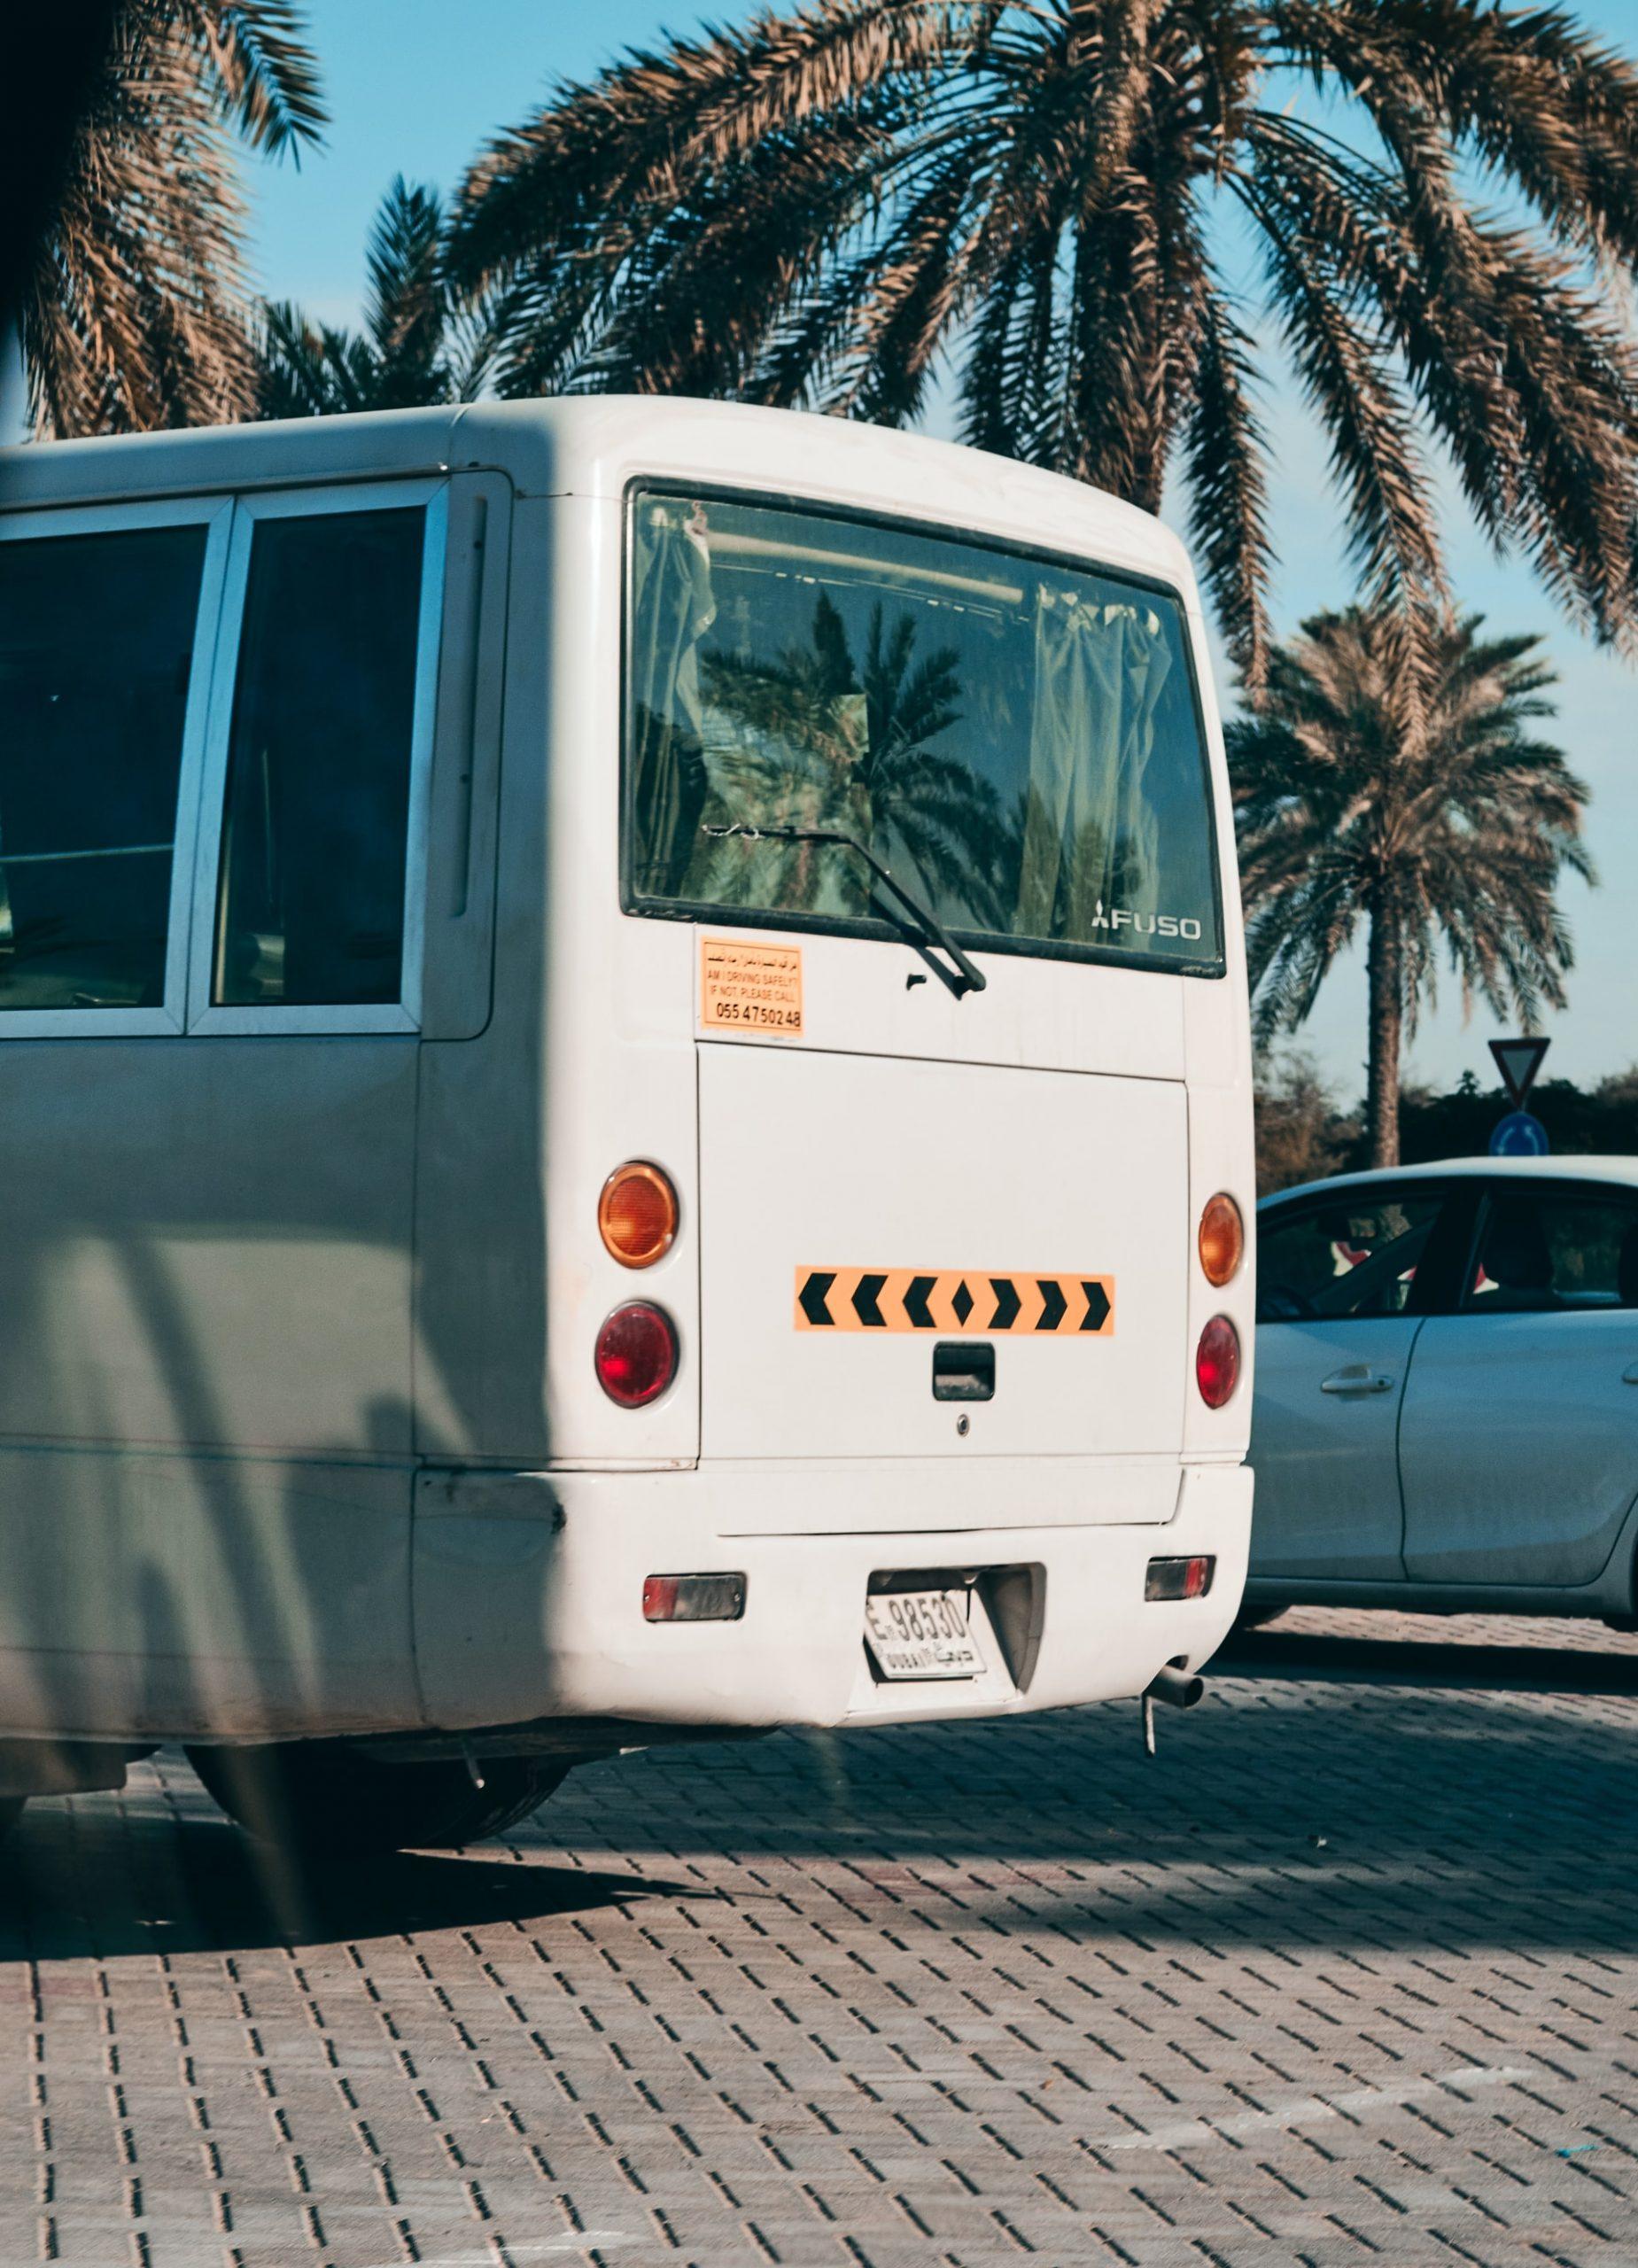 Sådan kan du rejse bæredygtigt med bus